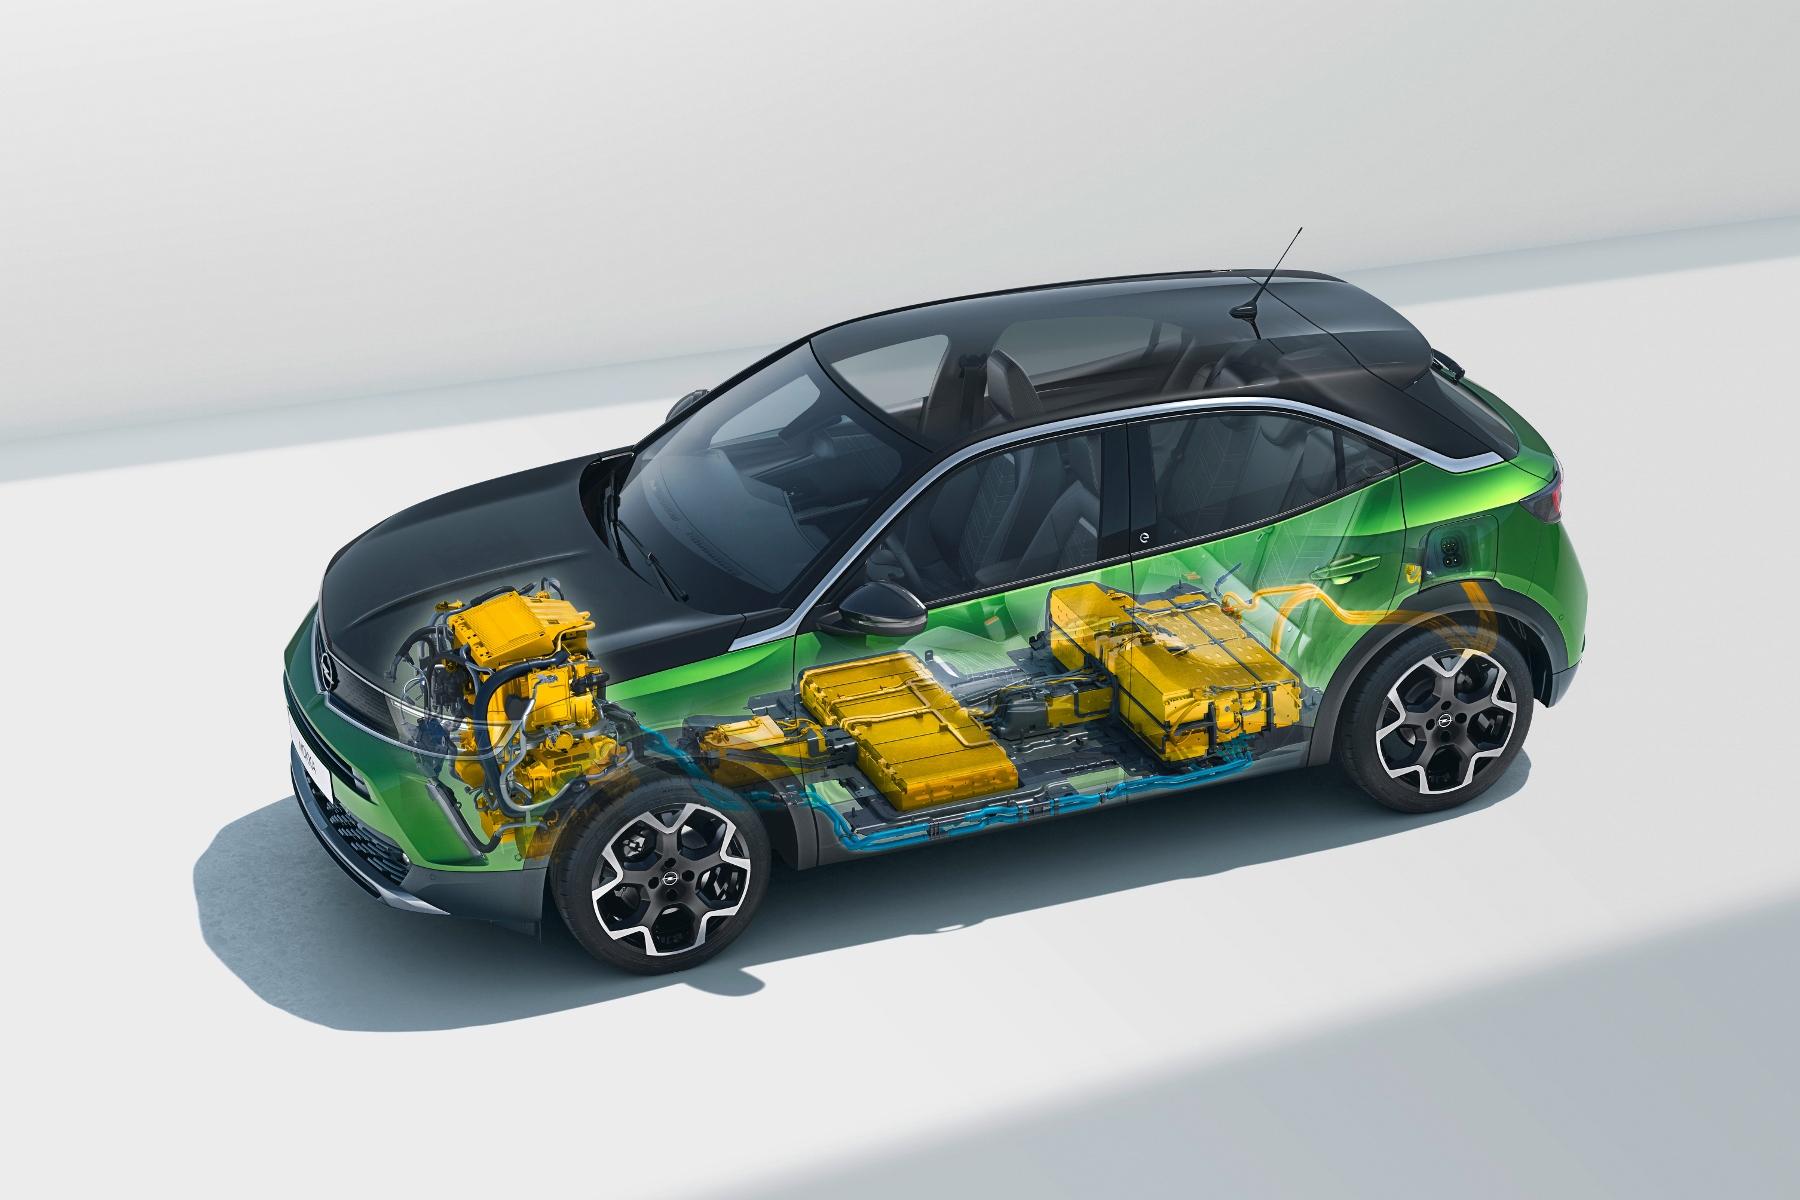 Opel Mokka sa od súrodencov odlíši odvážnym dizajnom 0prXMhc1vP 10-opel-mokka-e-512176-1800x1200